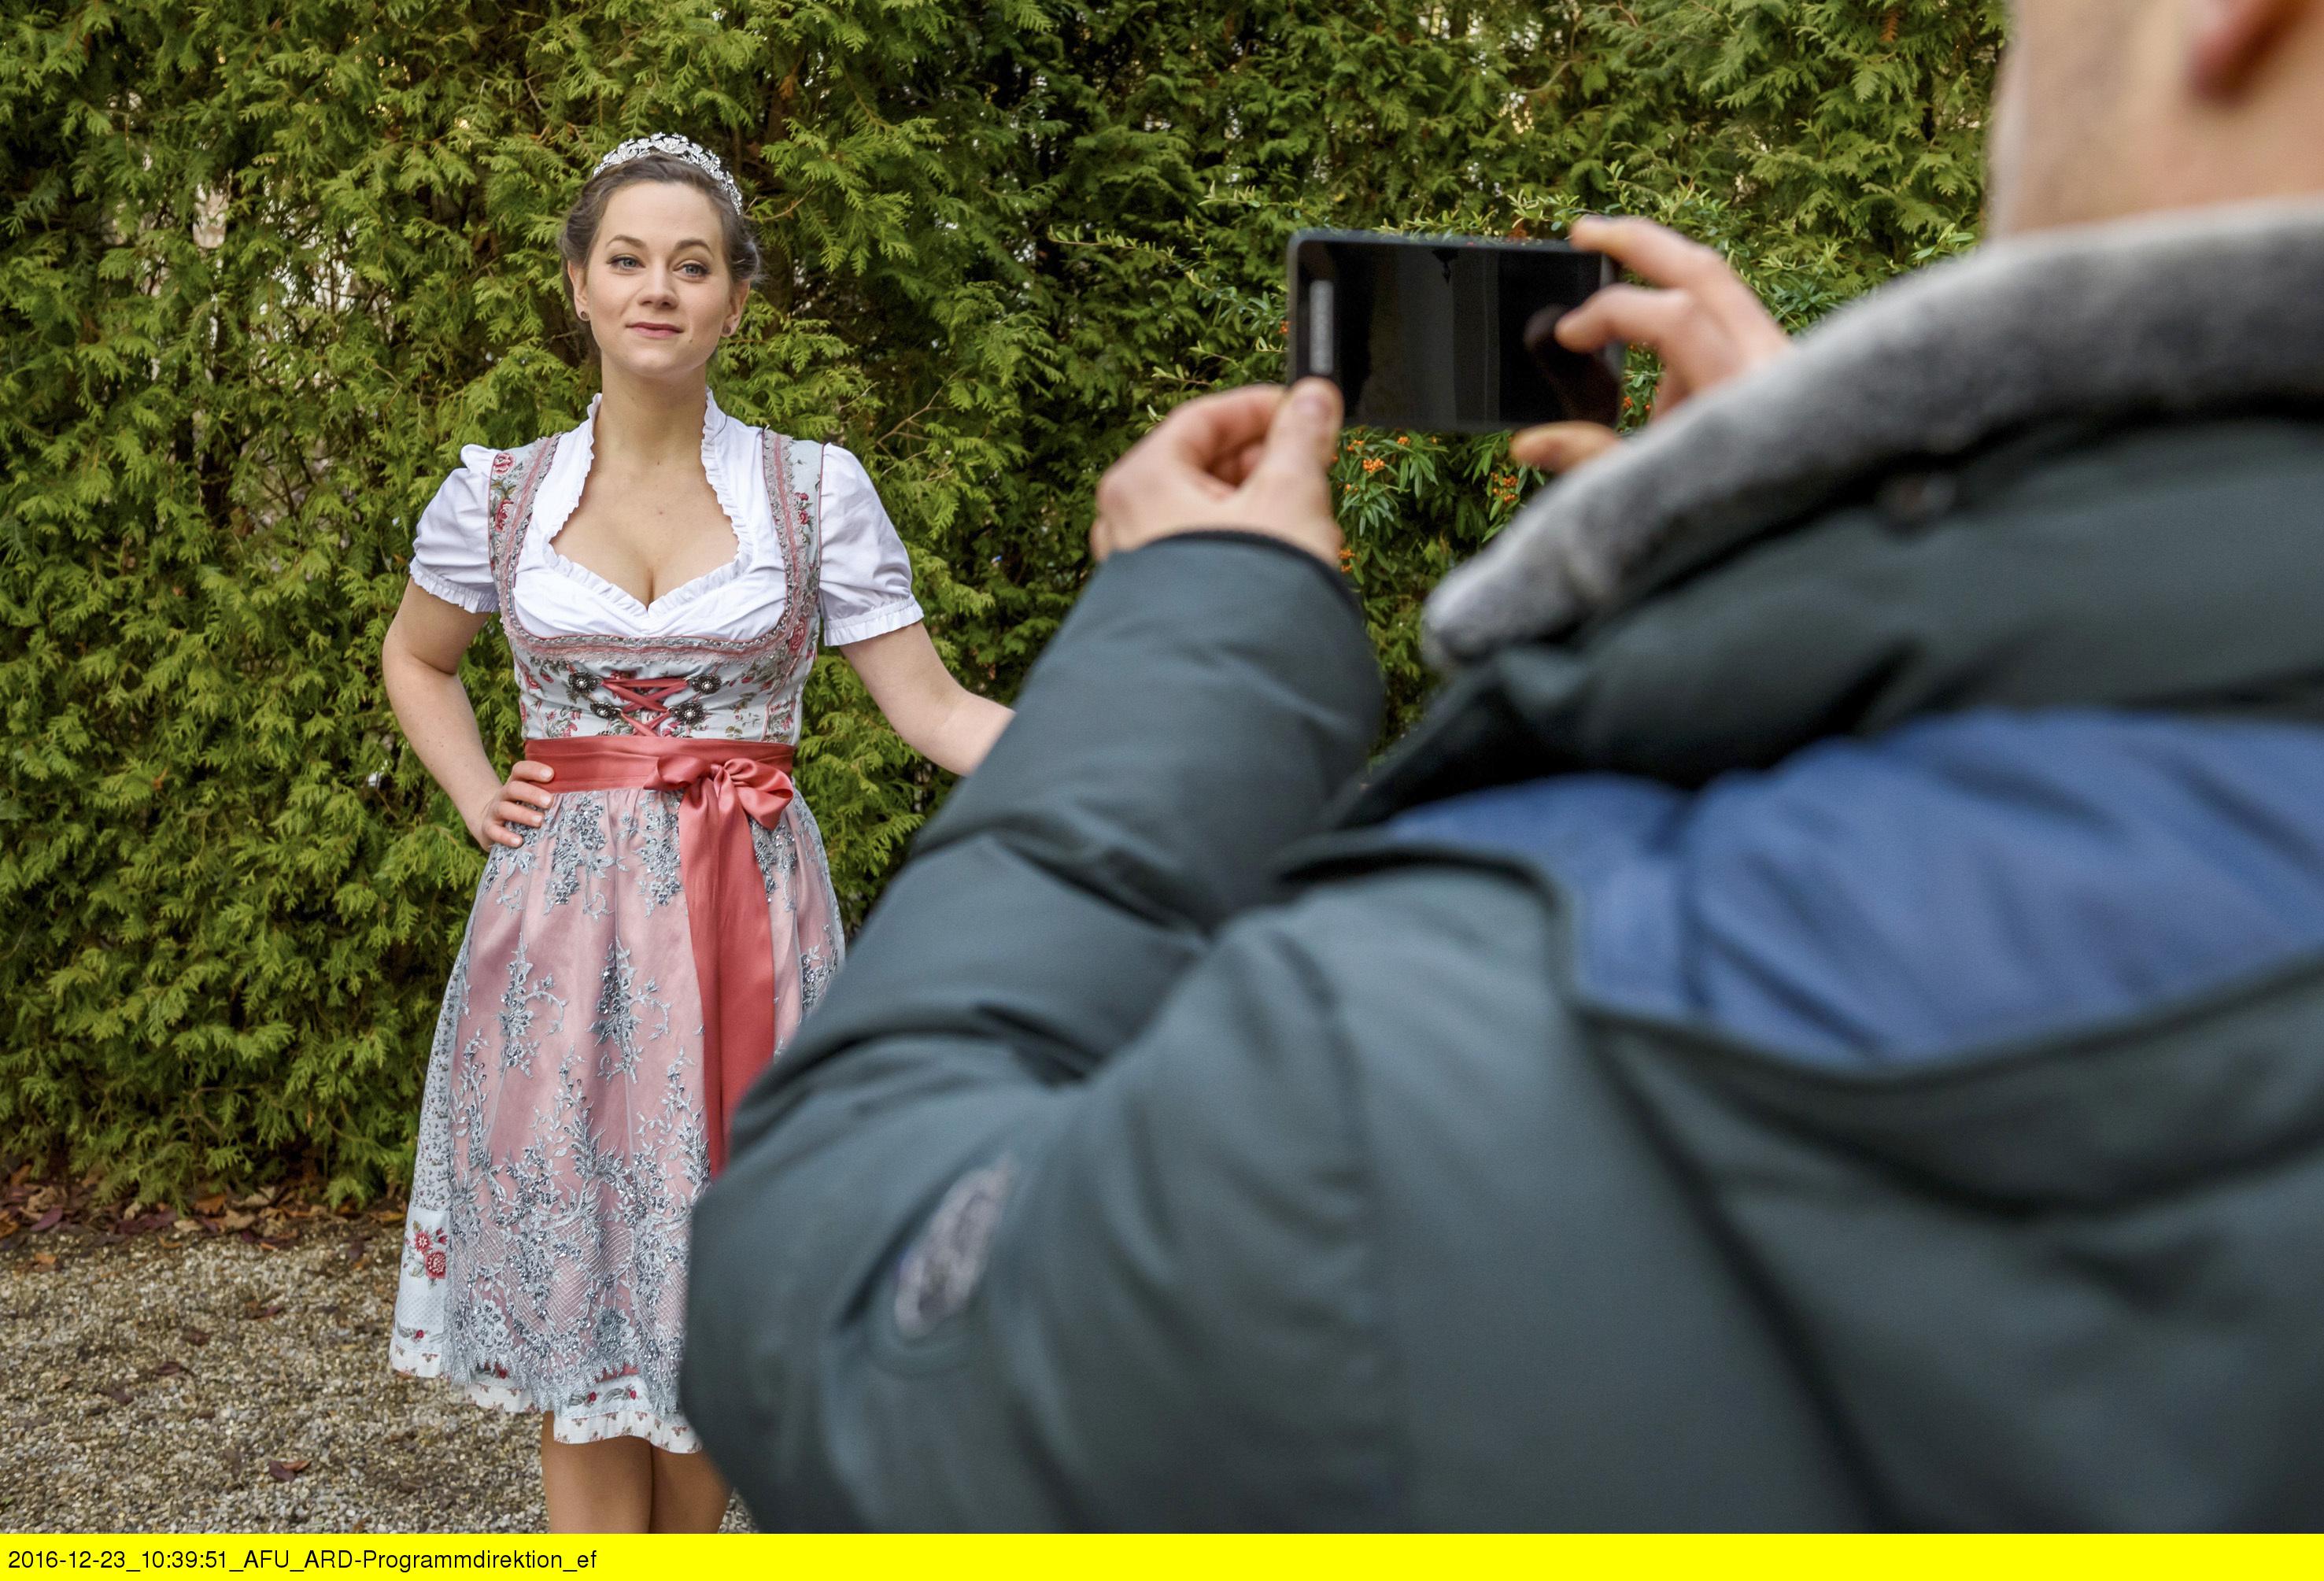 ARD STURM DER LIEBE FOLGE 2631, am Freitag (10.02.17) um 15:10 Uhr im ERSTEN. David (Michael N. Kühl, r.) hilft Tina (Christin Balogh, l.) bei ihrem Videodreh für den Wettbewerb der regionalen Bierköniginnen. (Quelle: ARD/Christof Arnold)